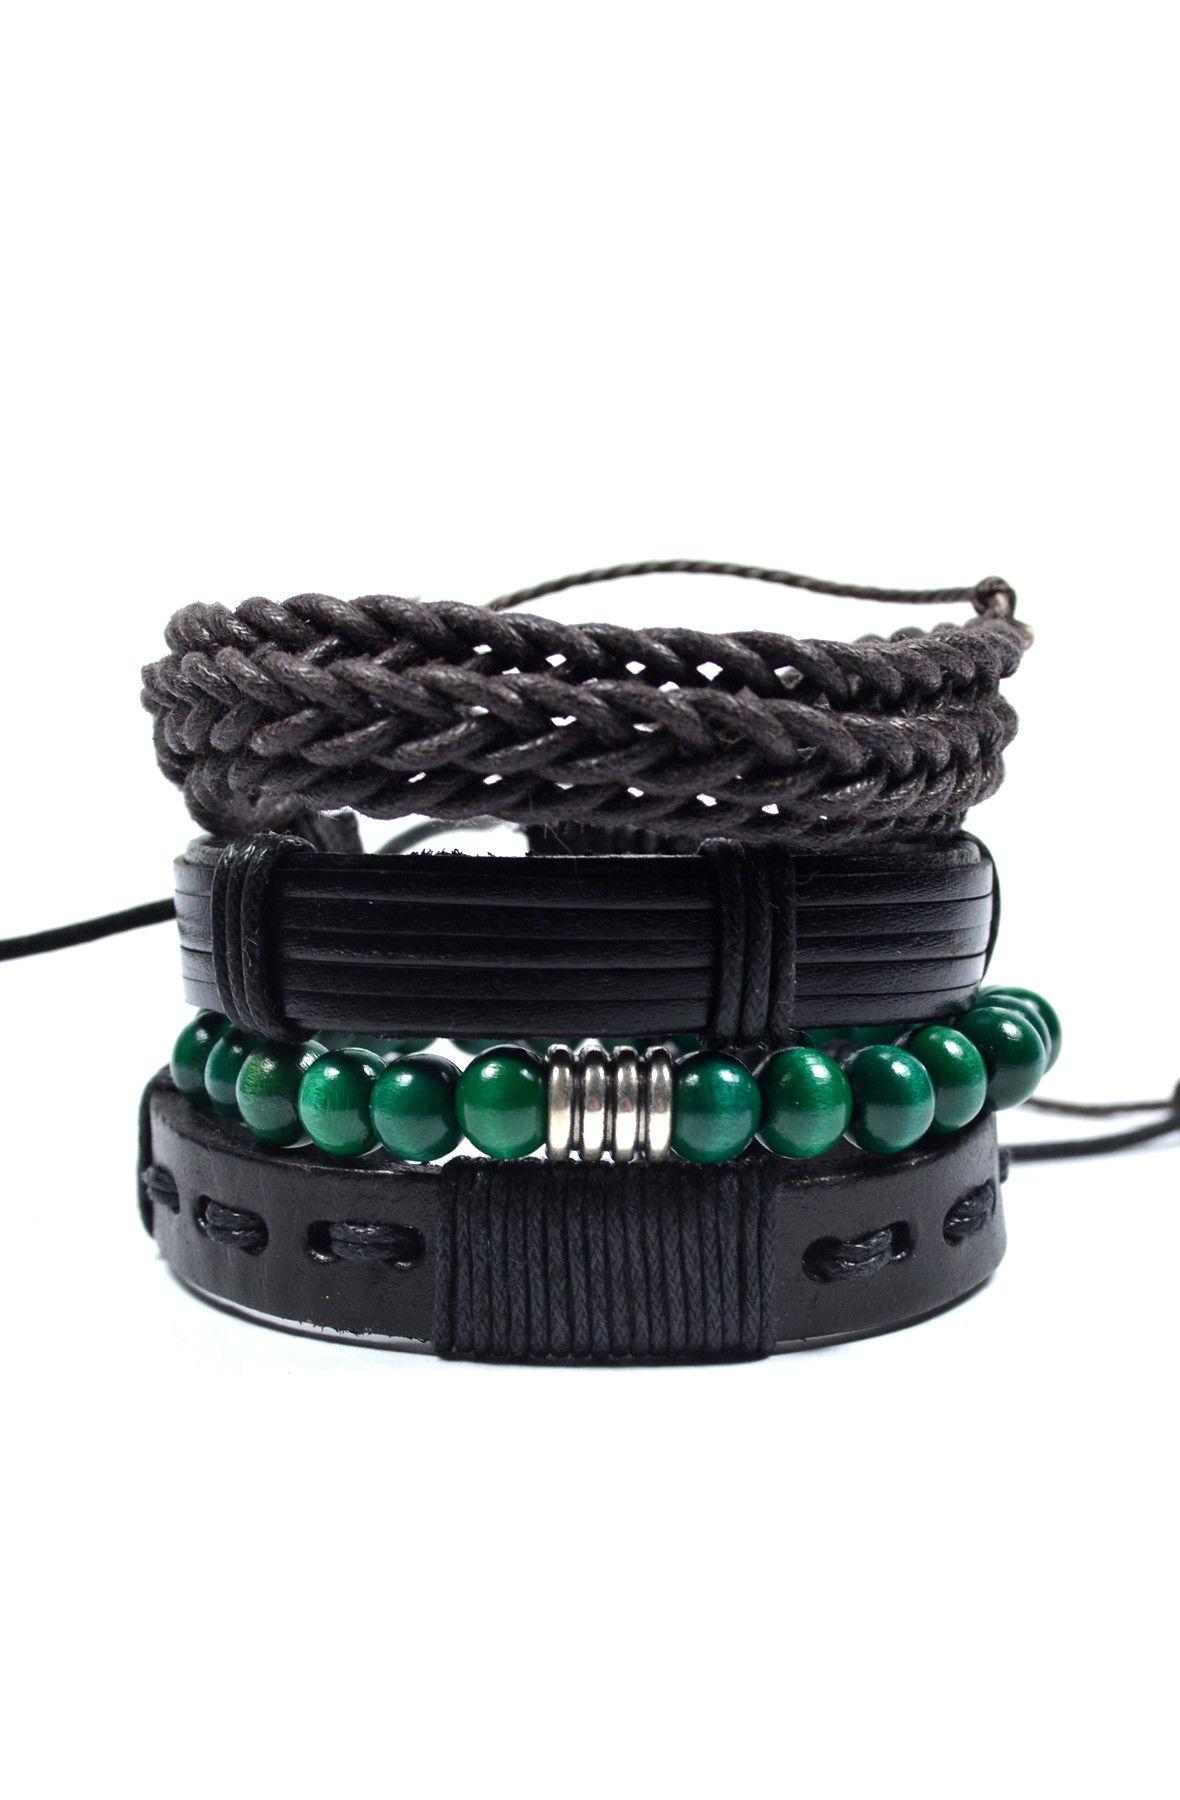 4 Pack Green and Black Men's Bracelet Set